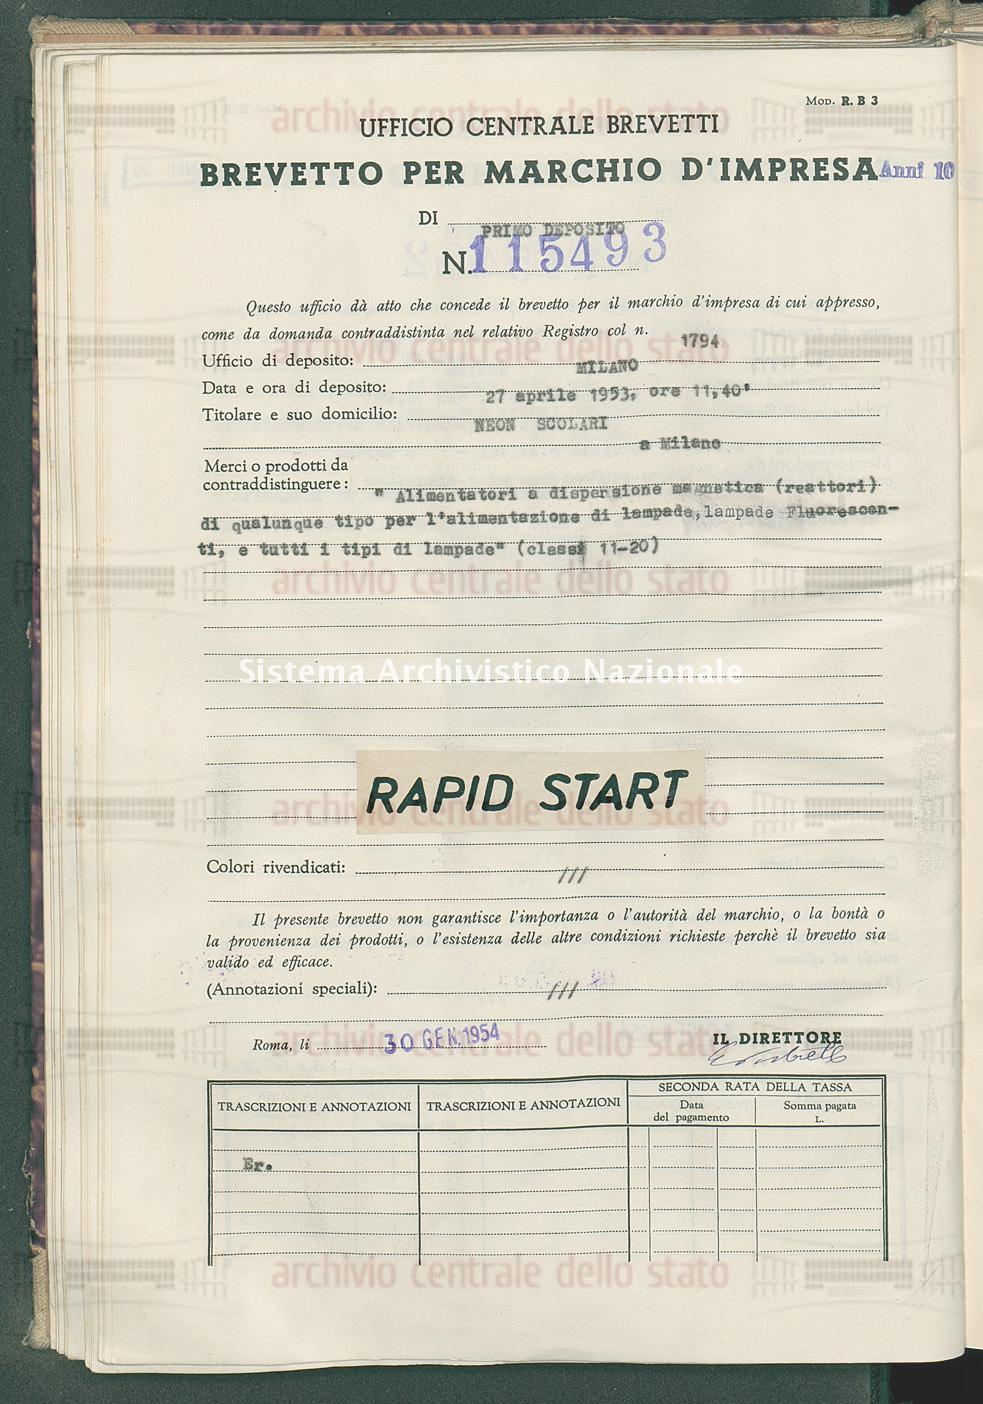 'Alimentatori a dispersione momatica(reattori) di qualunque tipo per l Neon Scolari (30/01/1954)